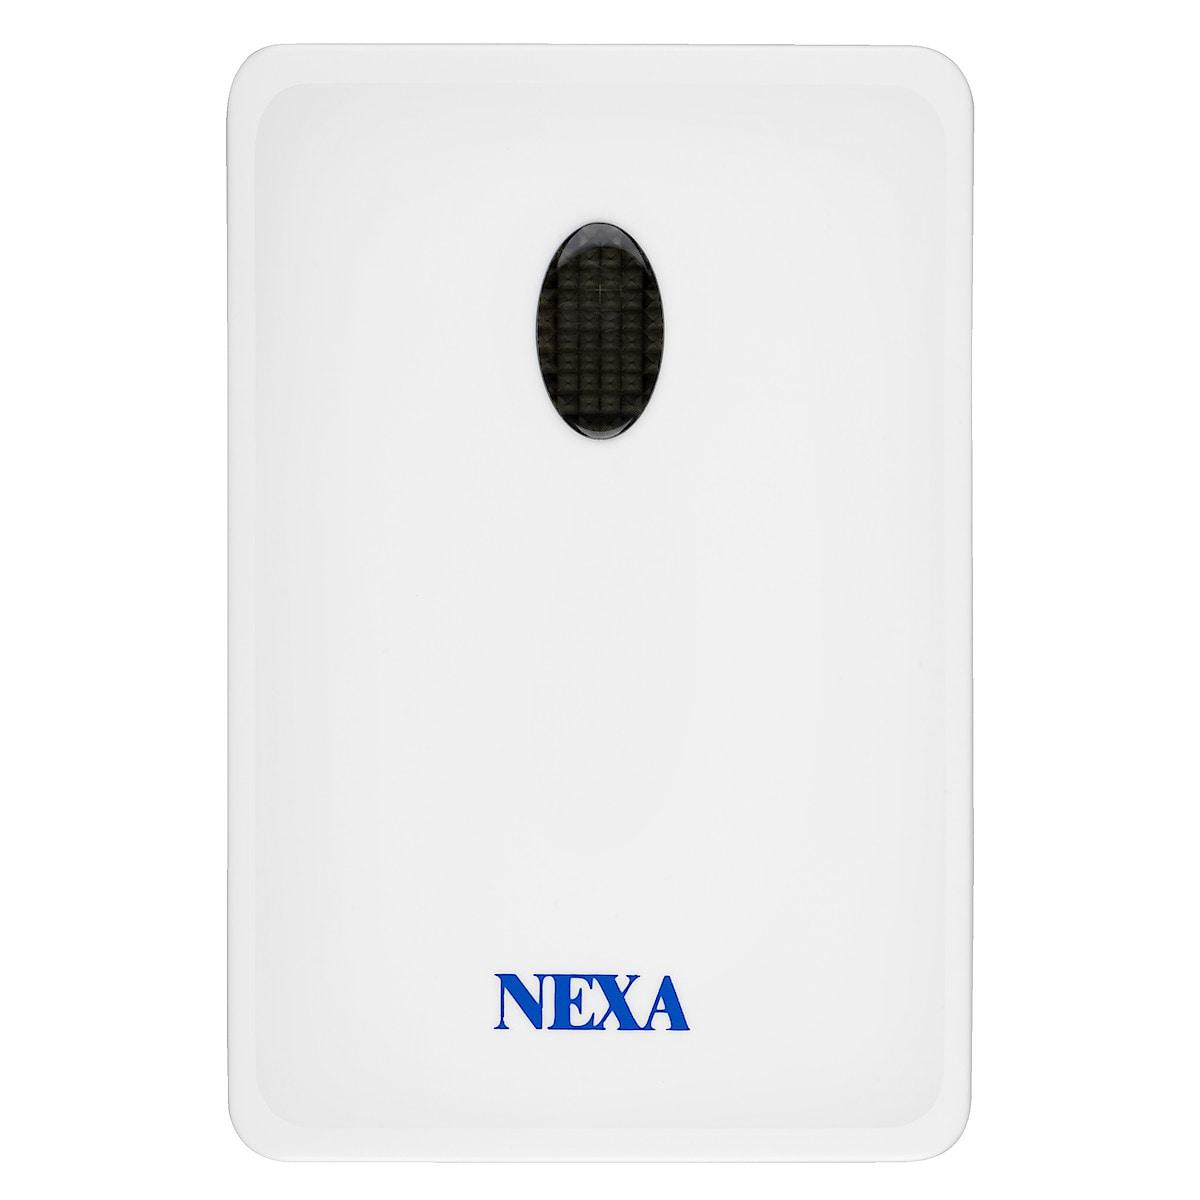 Trådlöst skymningsrelä Nexa LBST-604